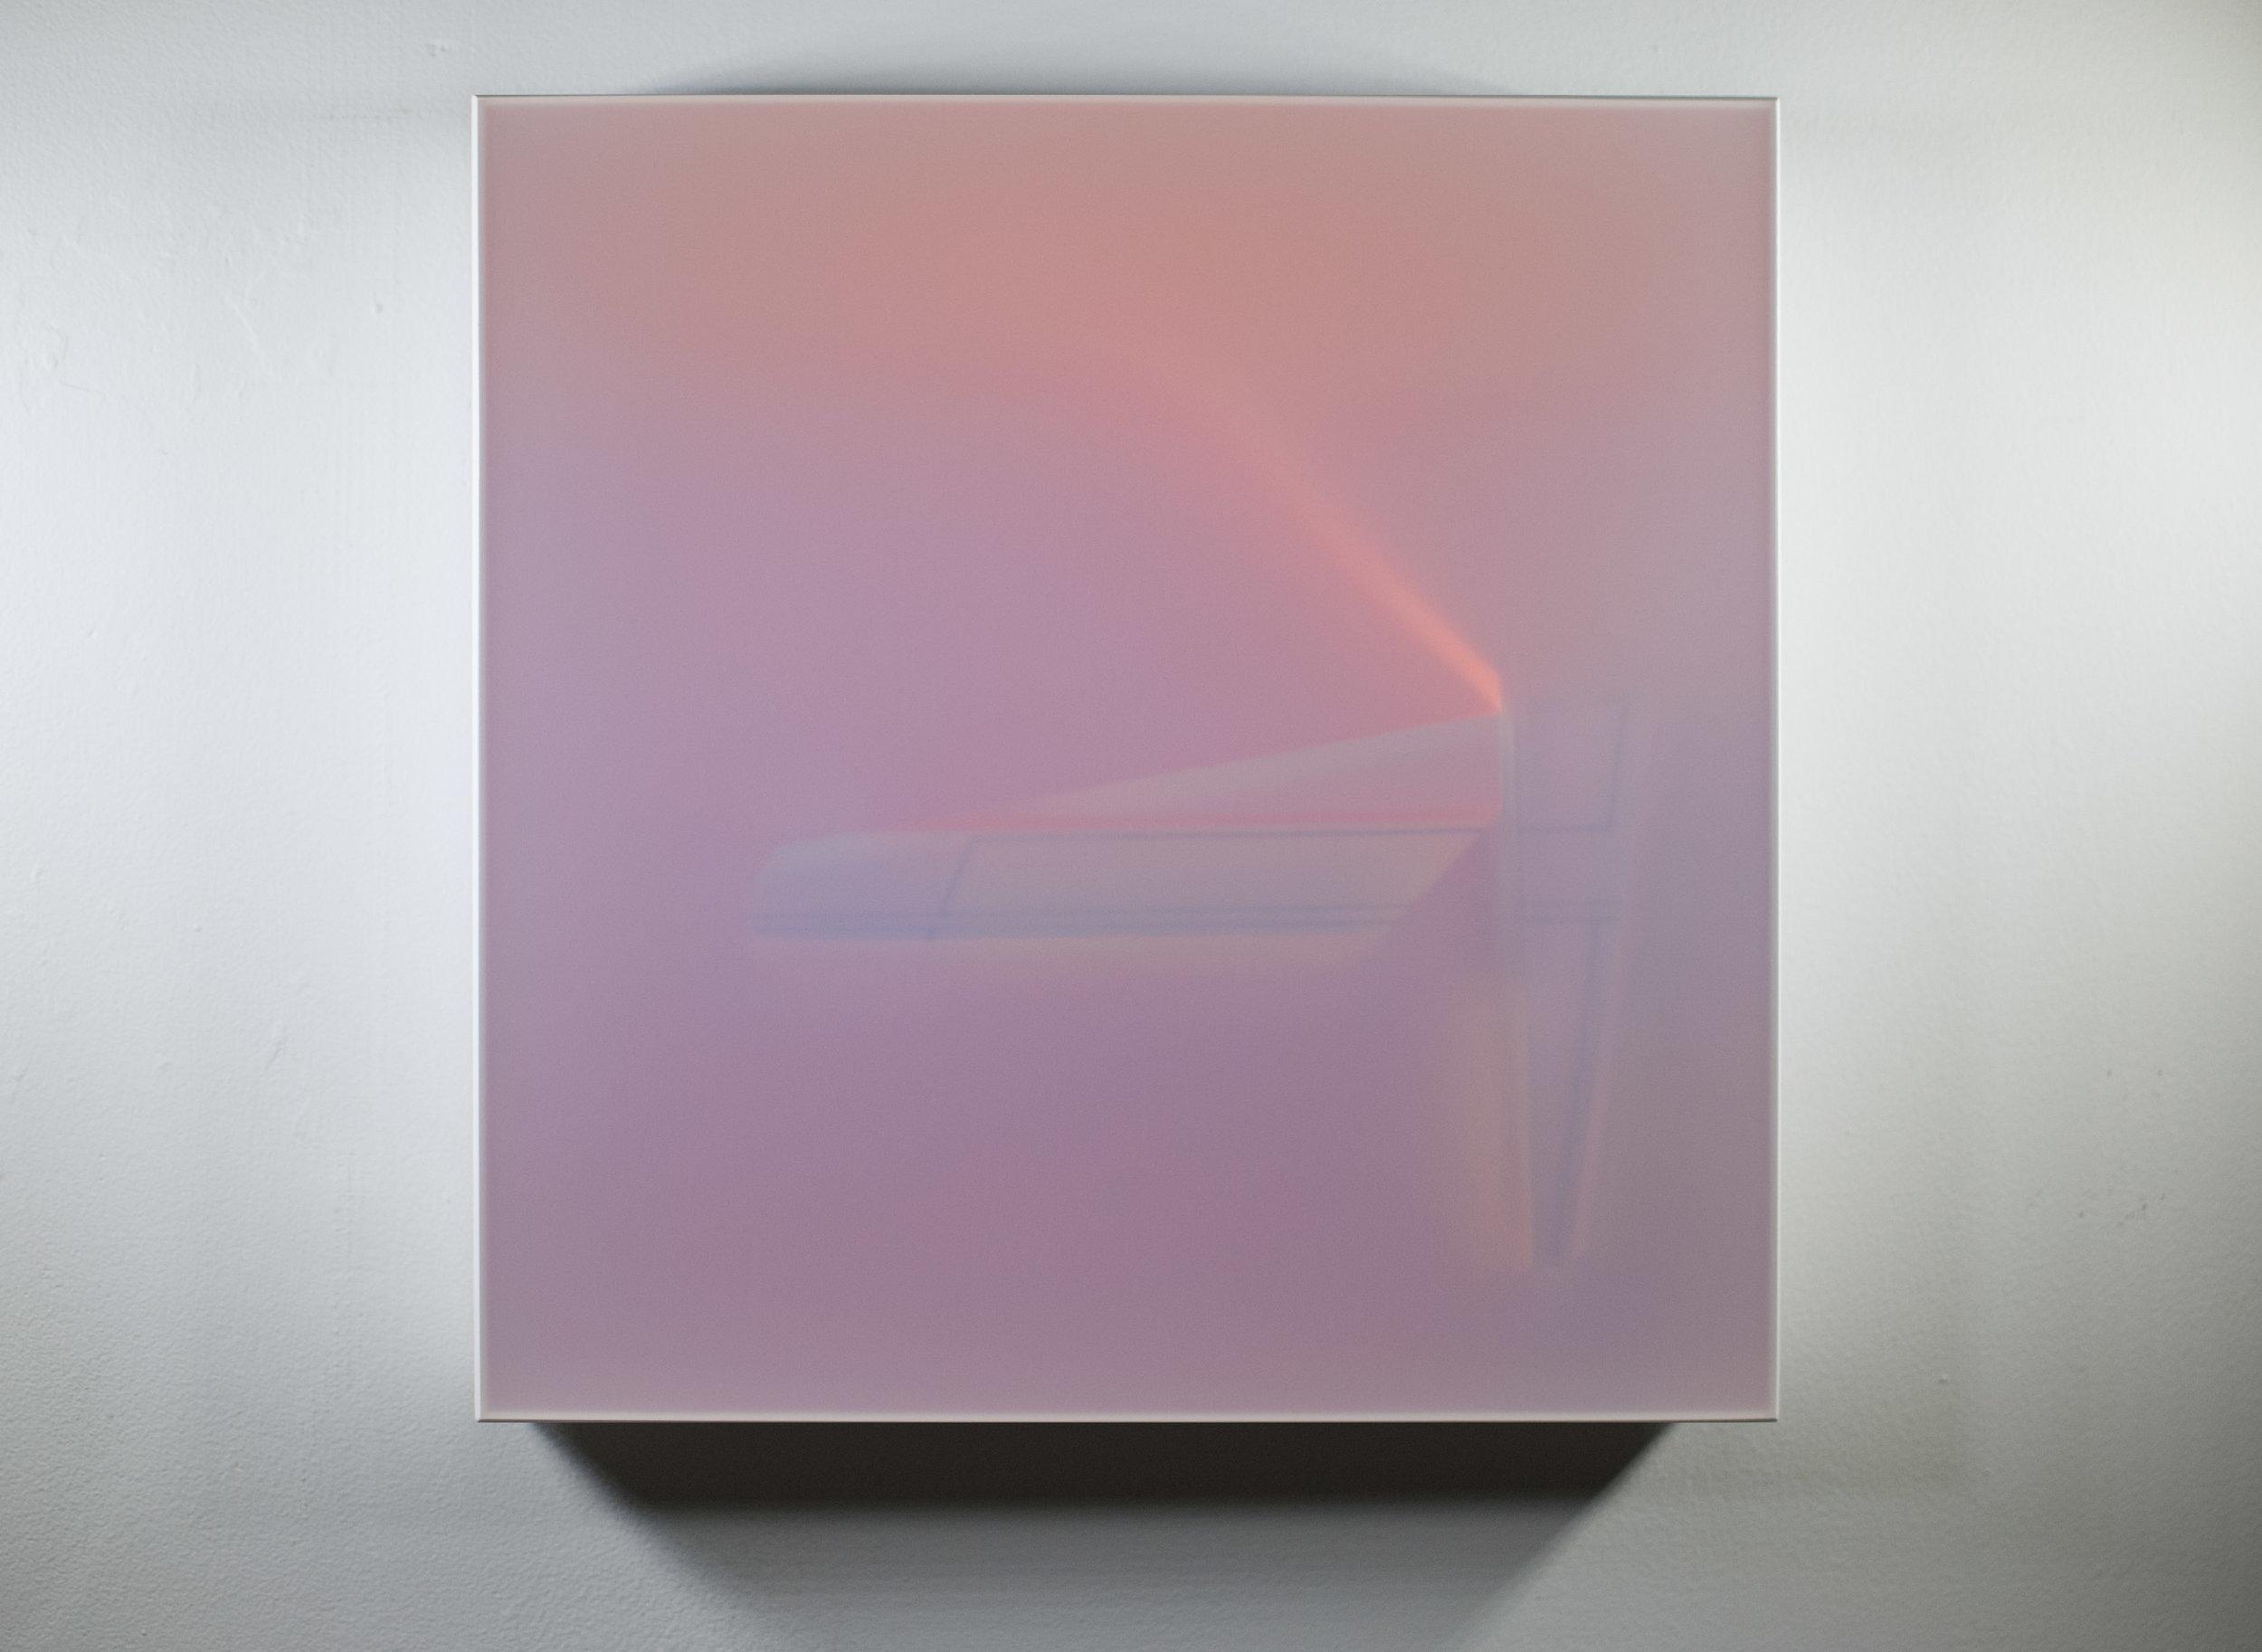 03 Mansur-Pink Footnote Five-2014.jpg